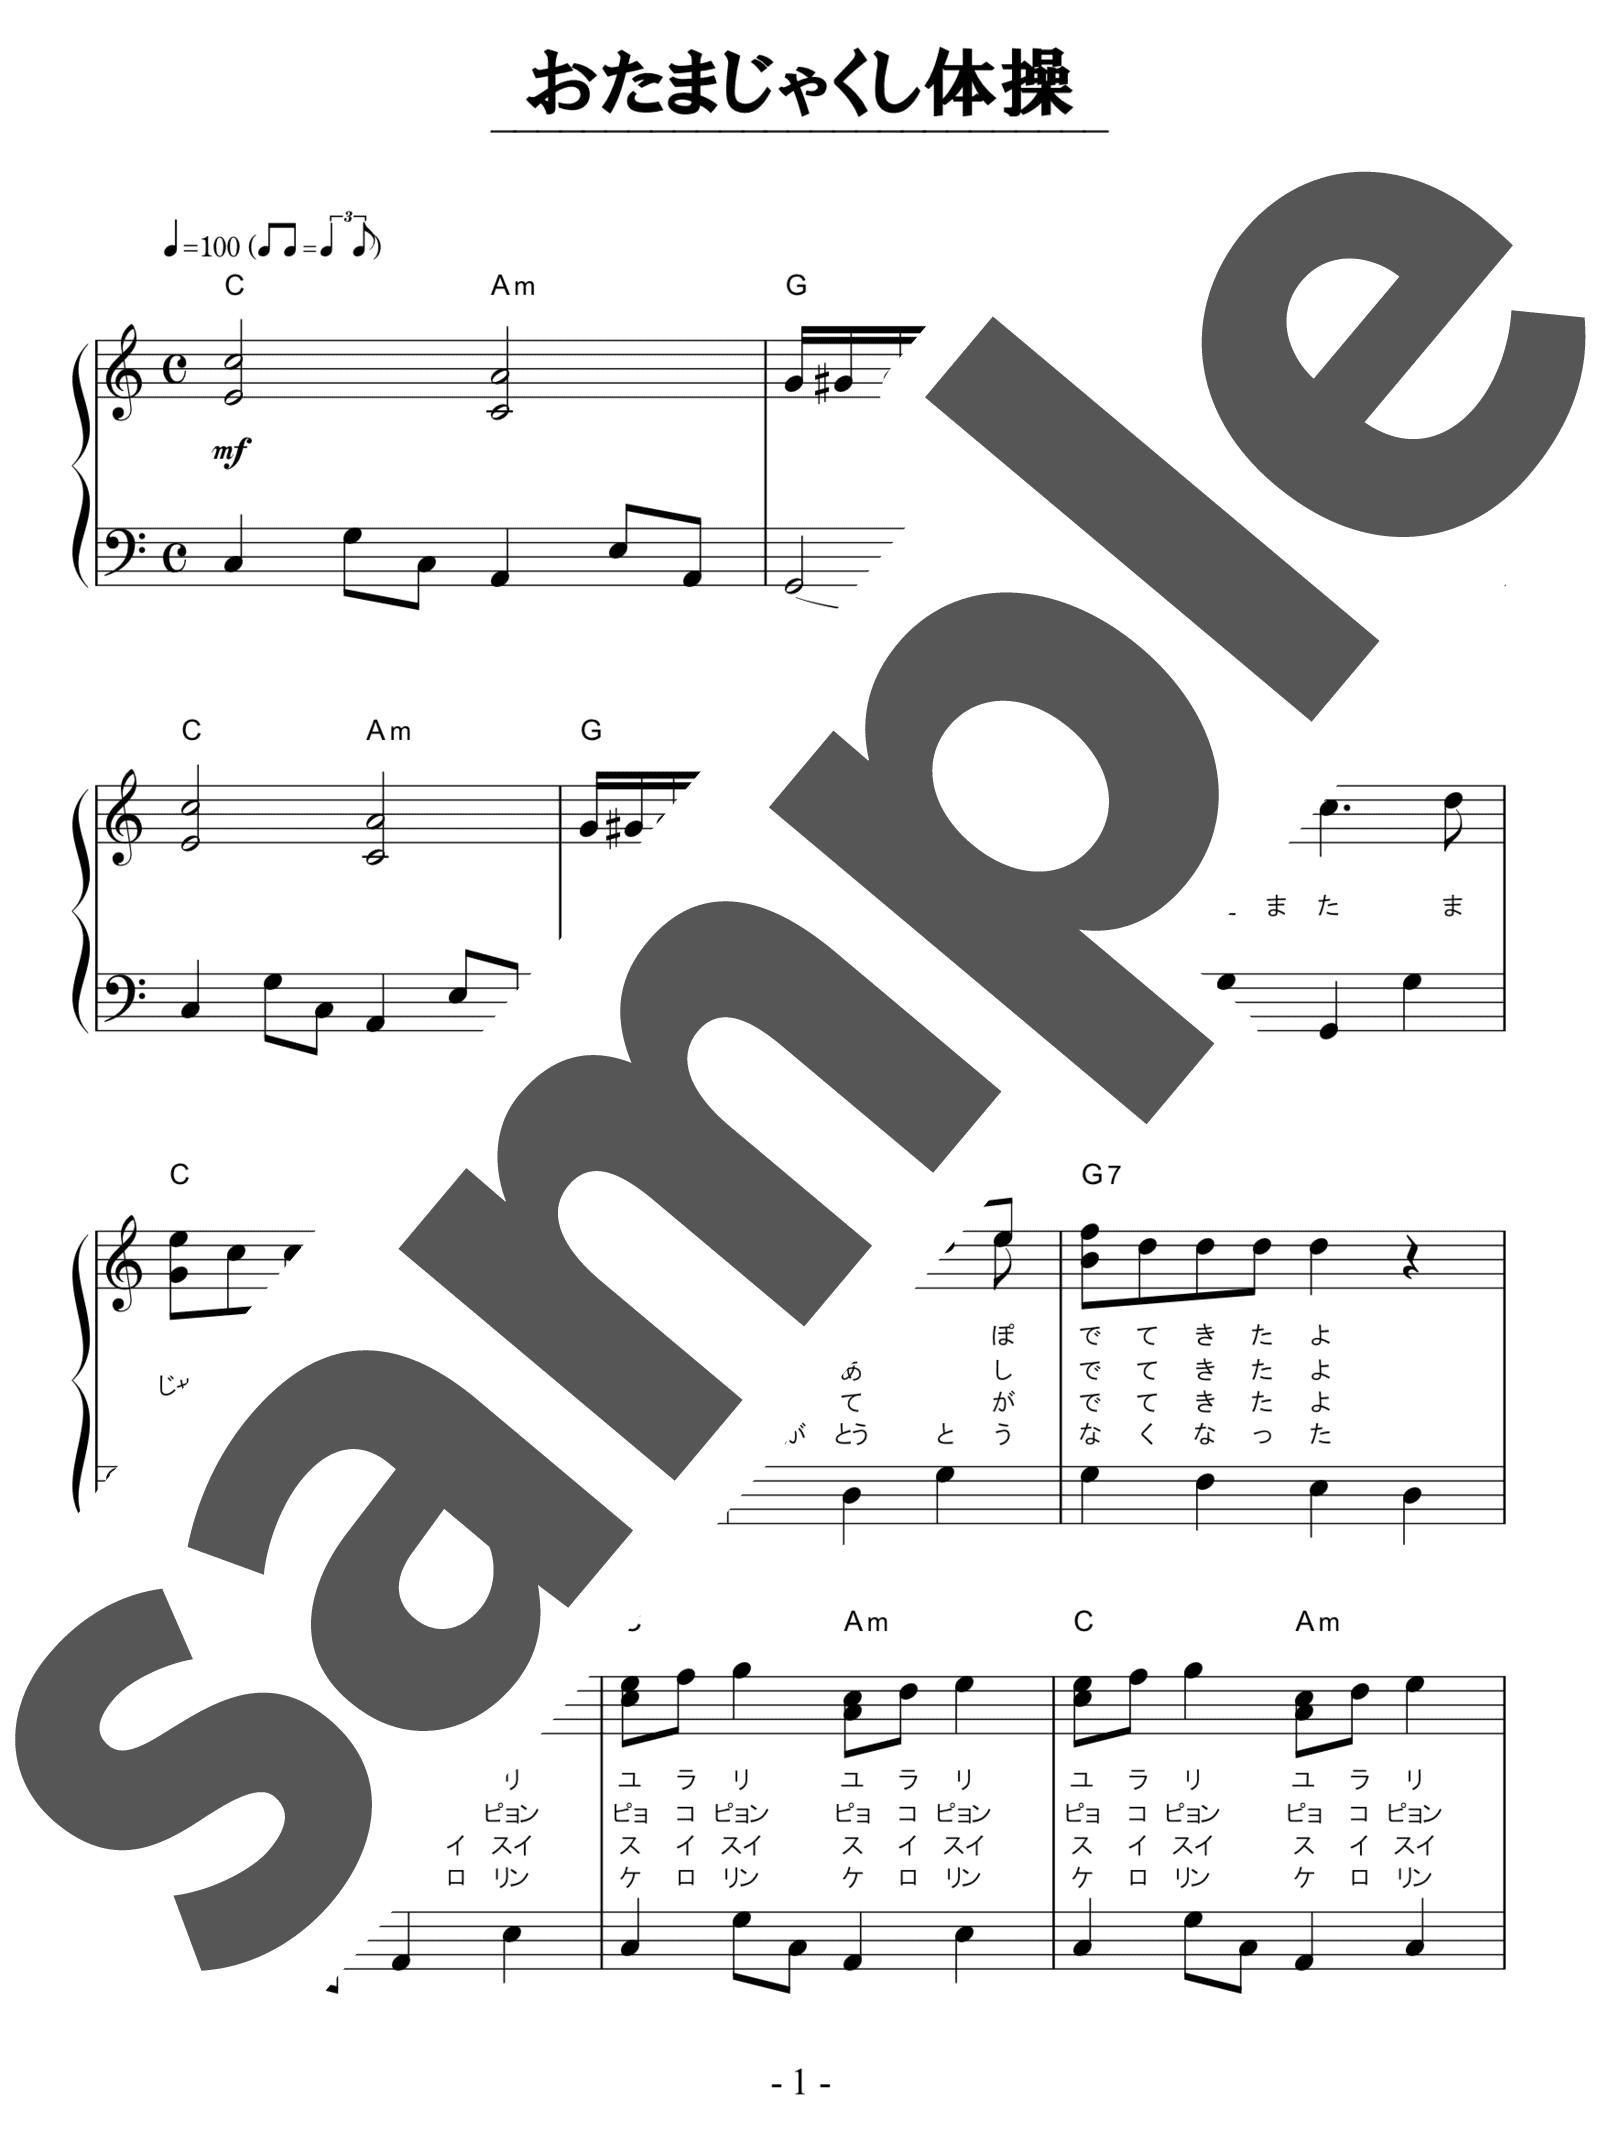 「おたまじゃくし体操」のサンプル楽譜